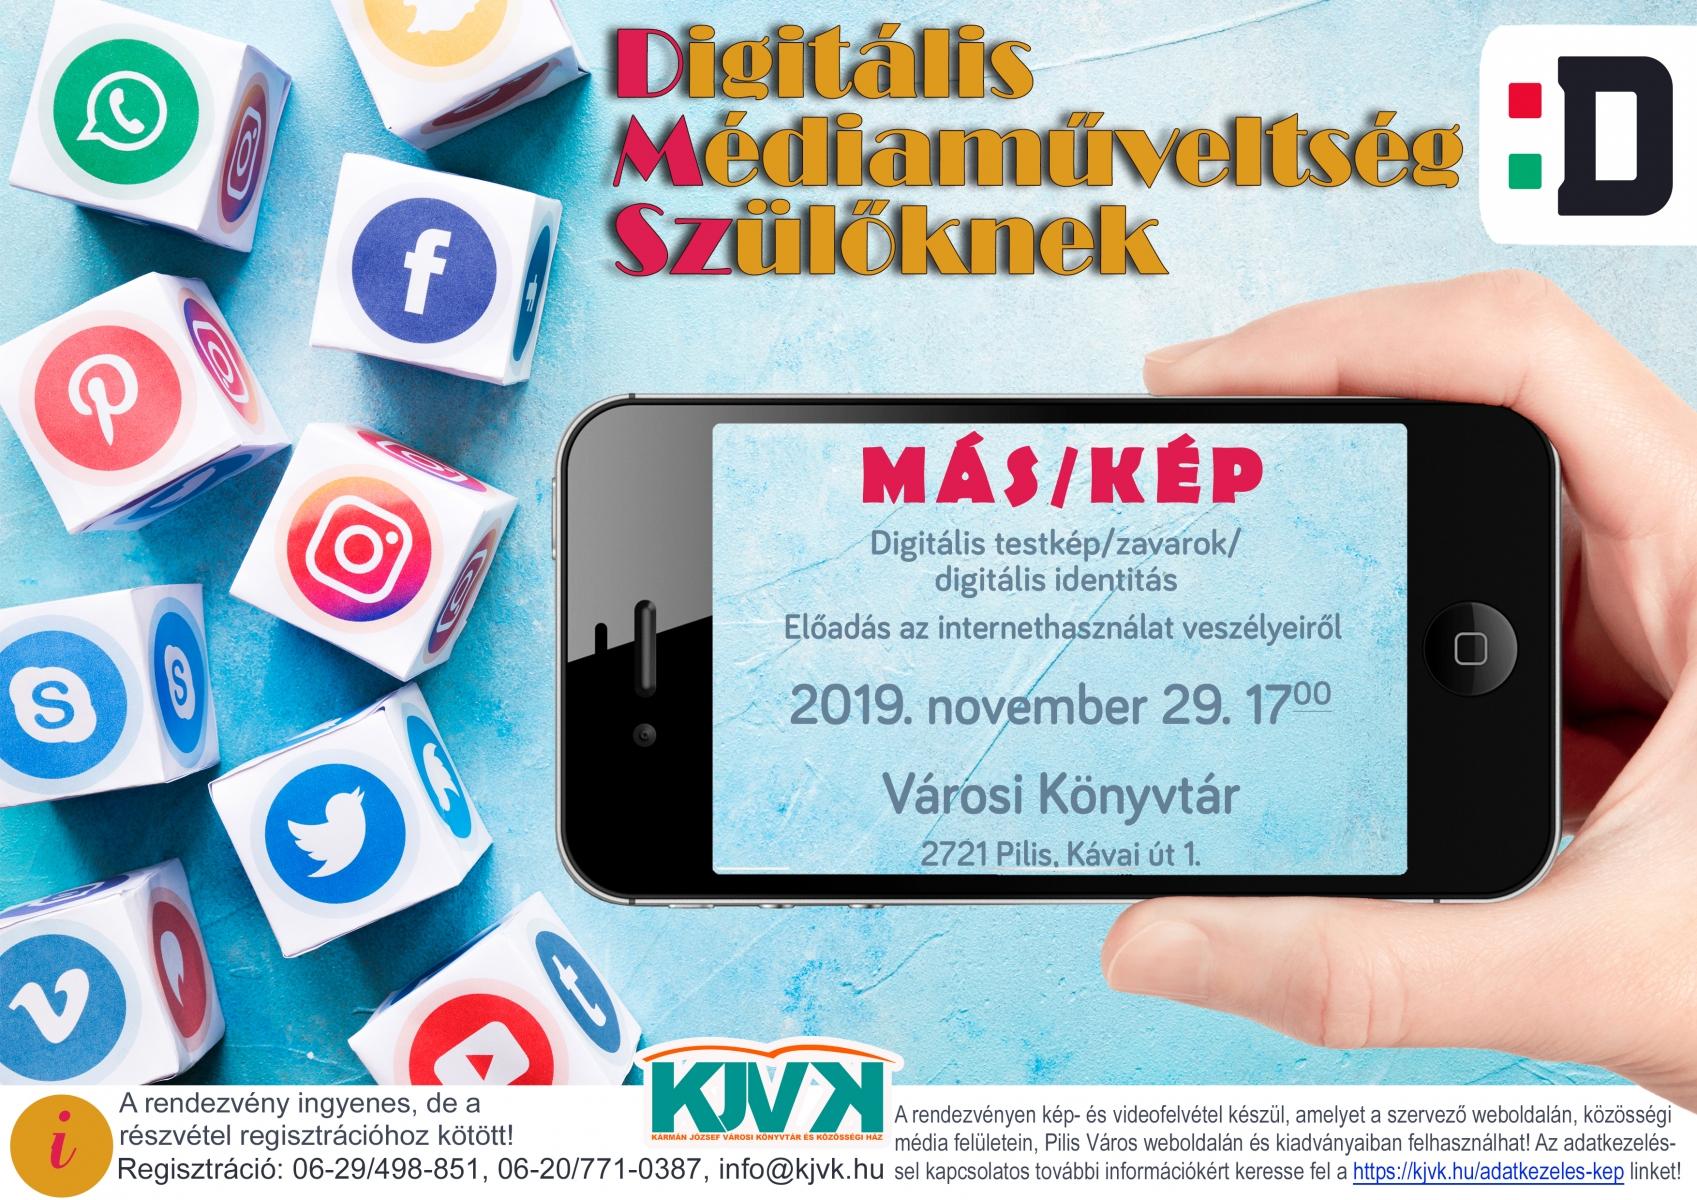 DMSZ2